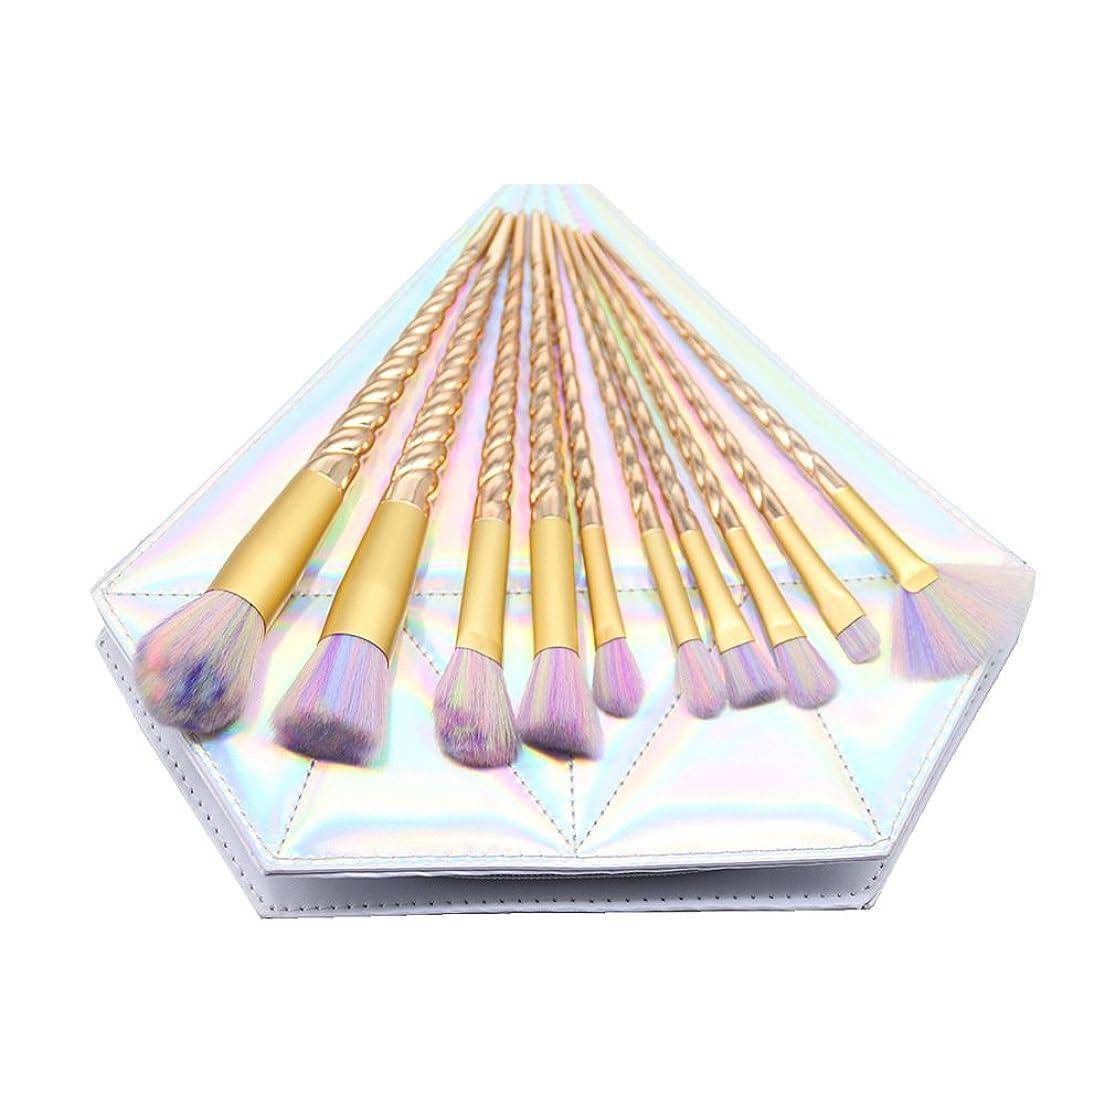 パットカブネックレットDilla Beauty メイクブラシセット 10本セット ユニコーンデザイン プラスチックハンドル 合成毛 ファンデーションブラシ アイシャドーブラッシャー 美容ツール 化粧品のバッグ付き